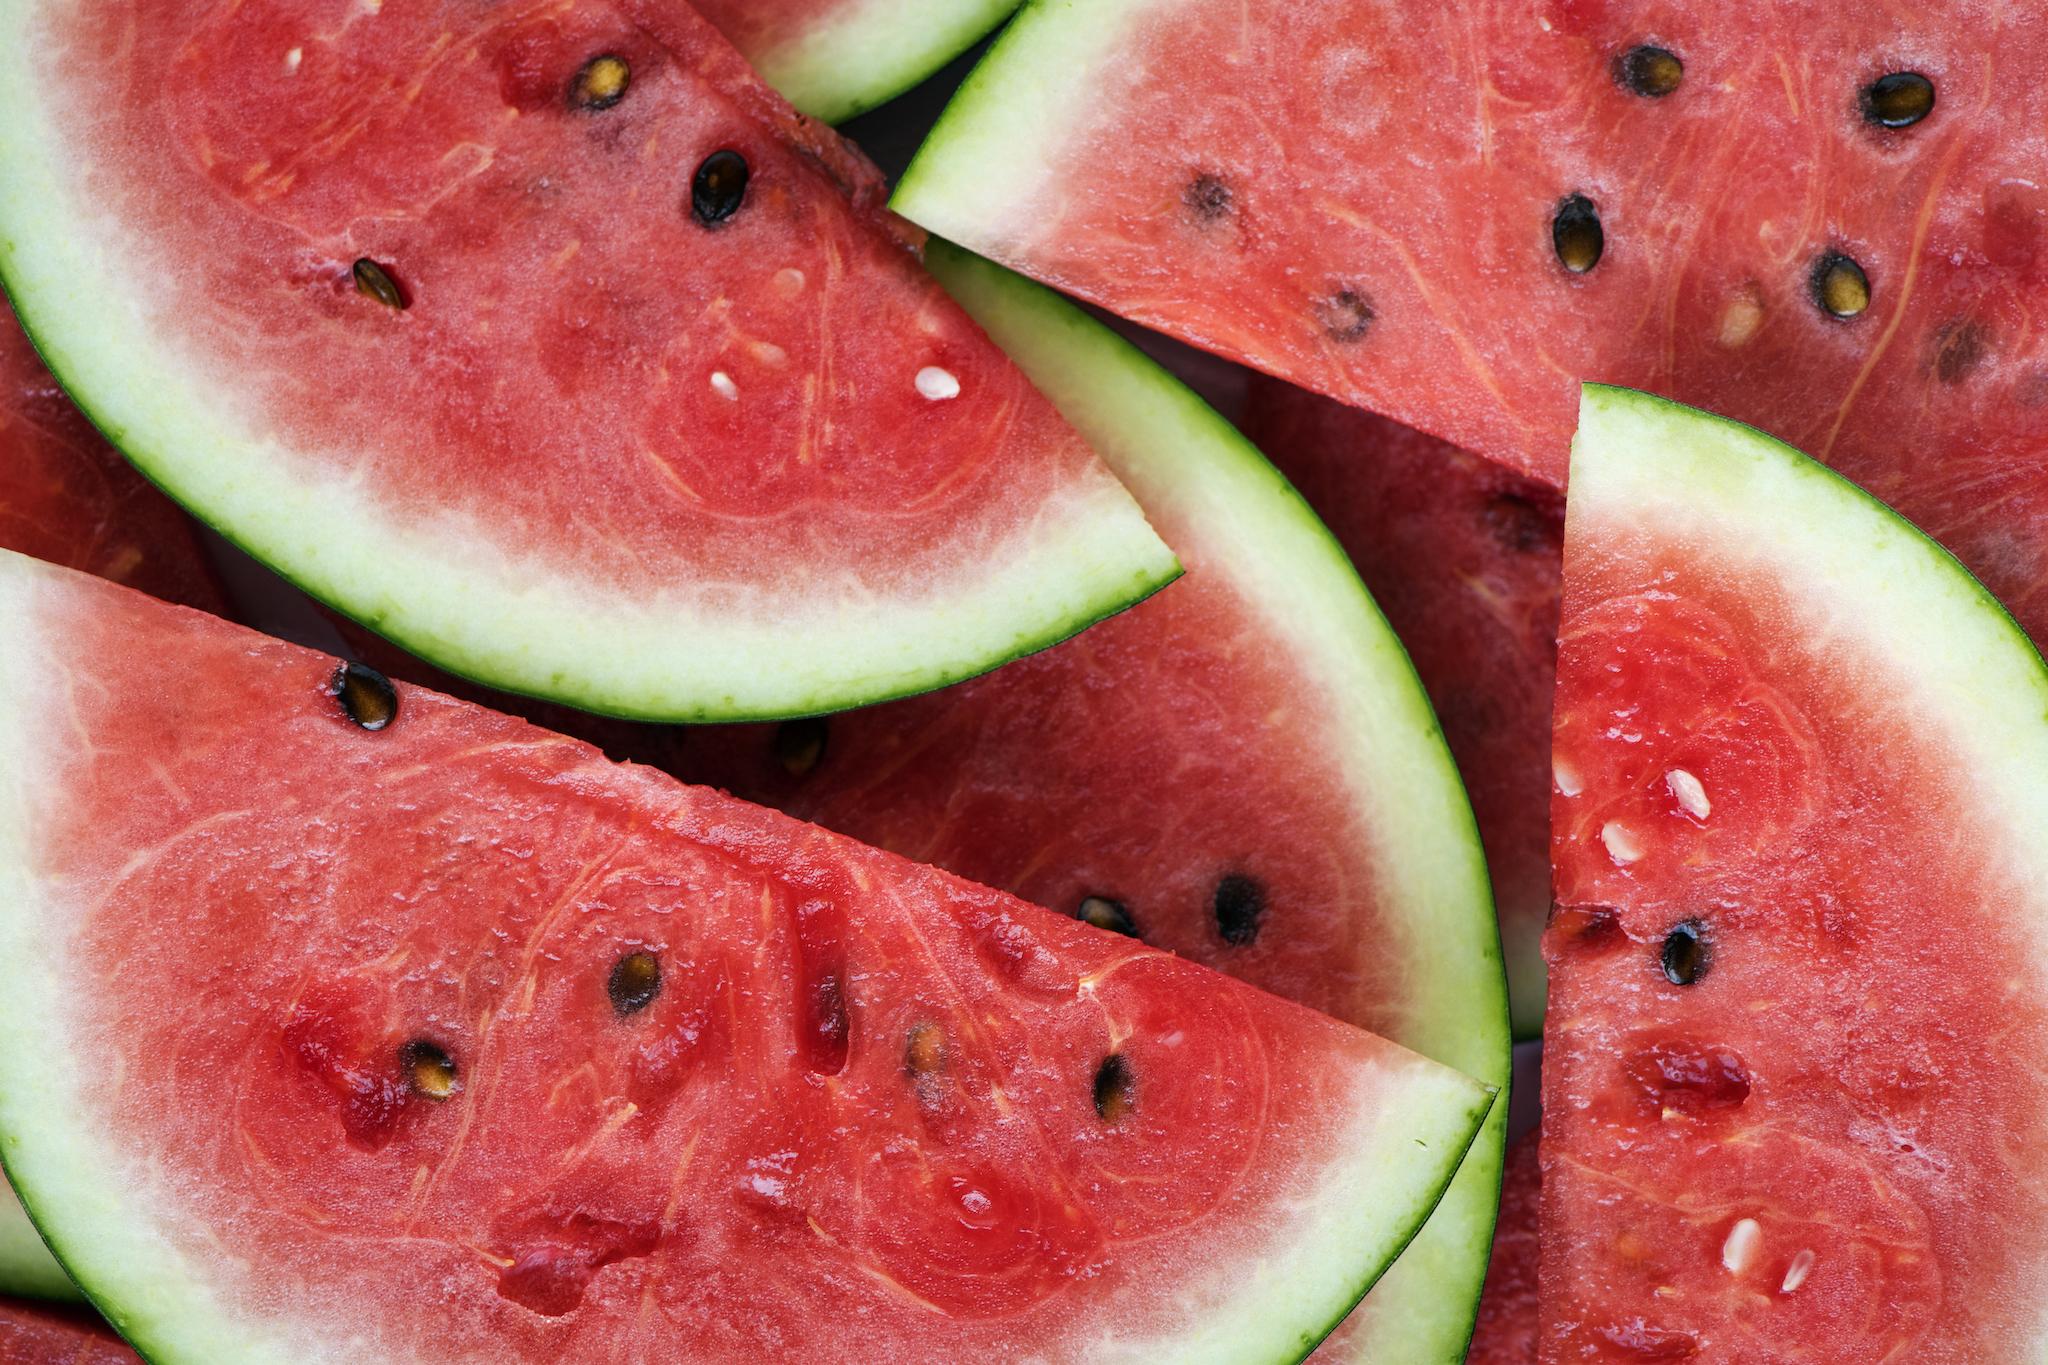 Slices-of-juicy-red-watermelon.jpg